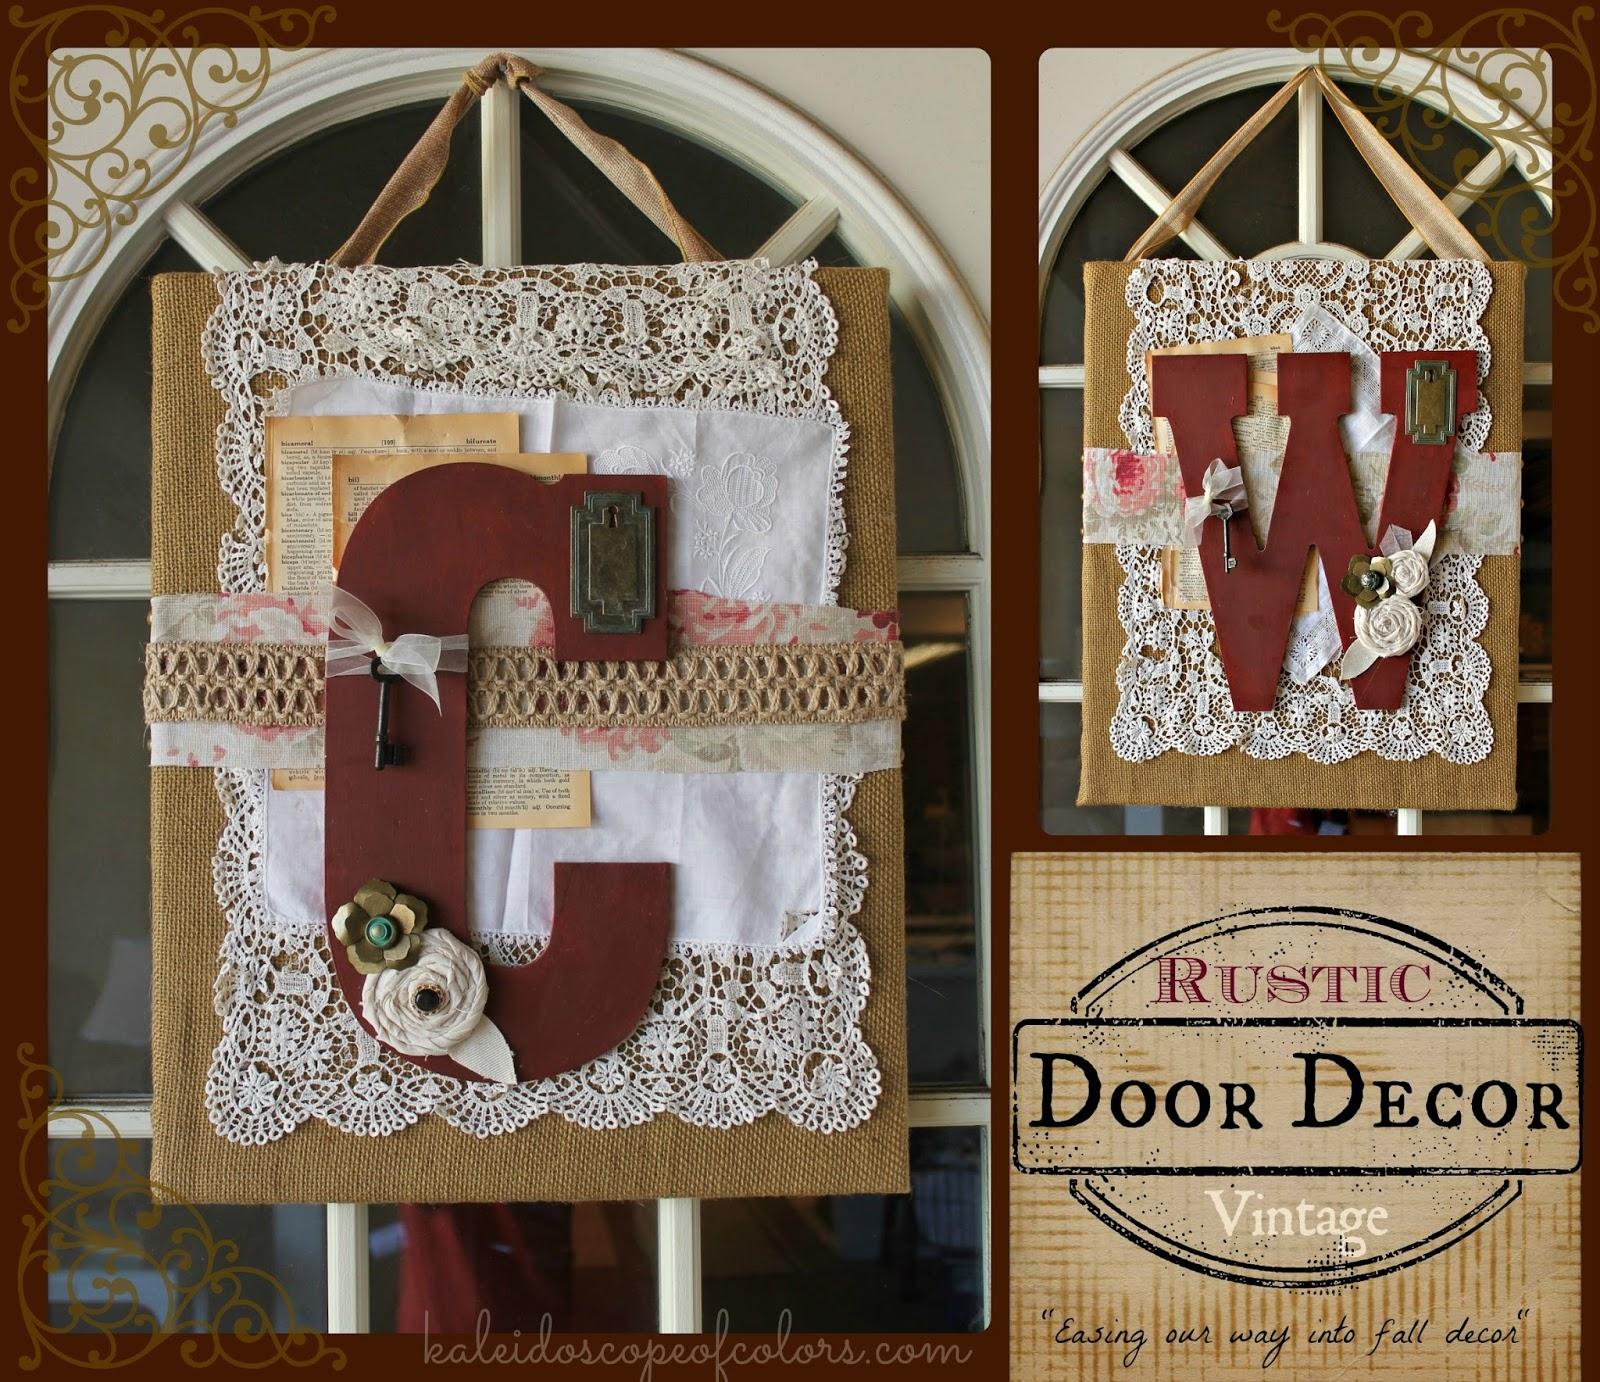 Kaleidoscope Of Colors Diy Rustic Vintage Door Decor